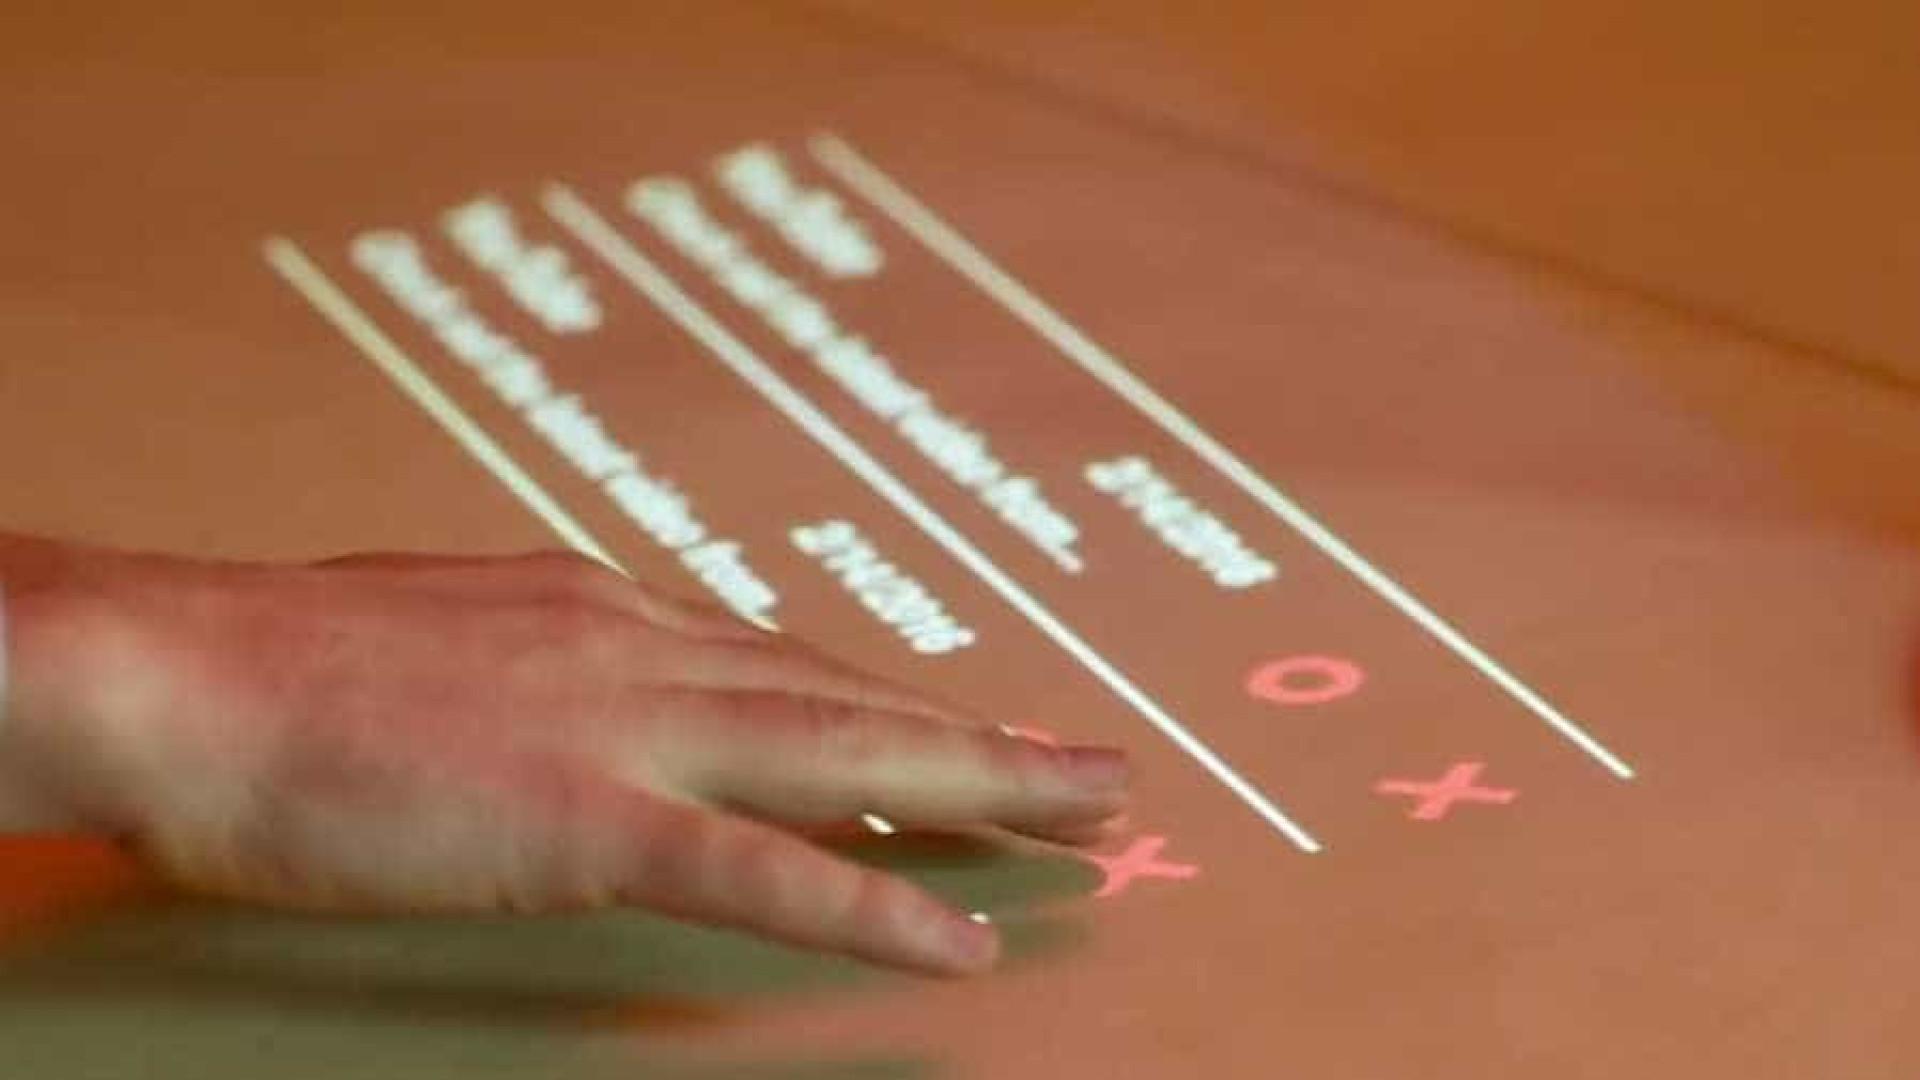 Conheça 'Lampix': o abajur que cria interações futurísticas